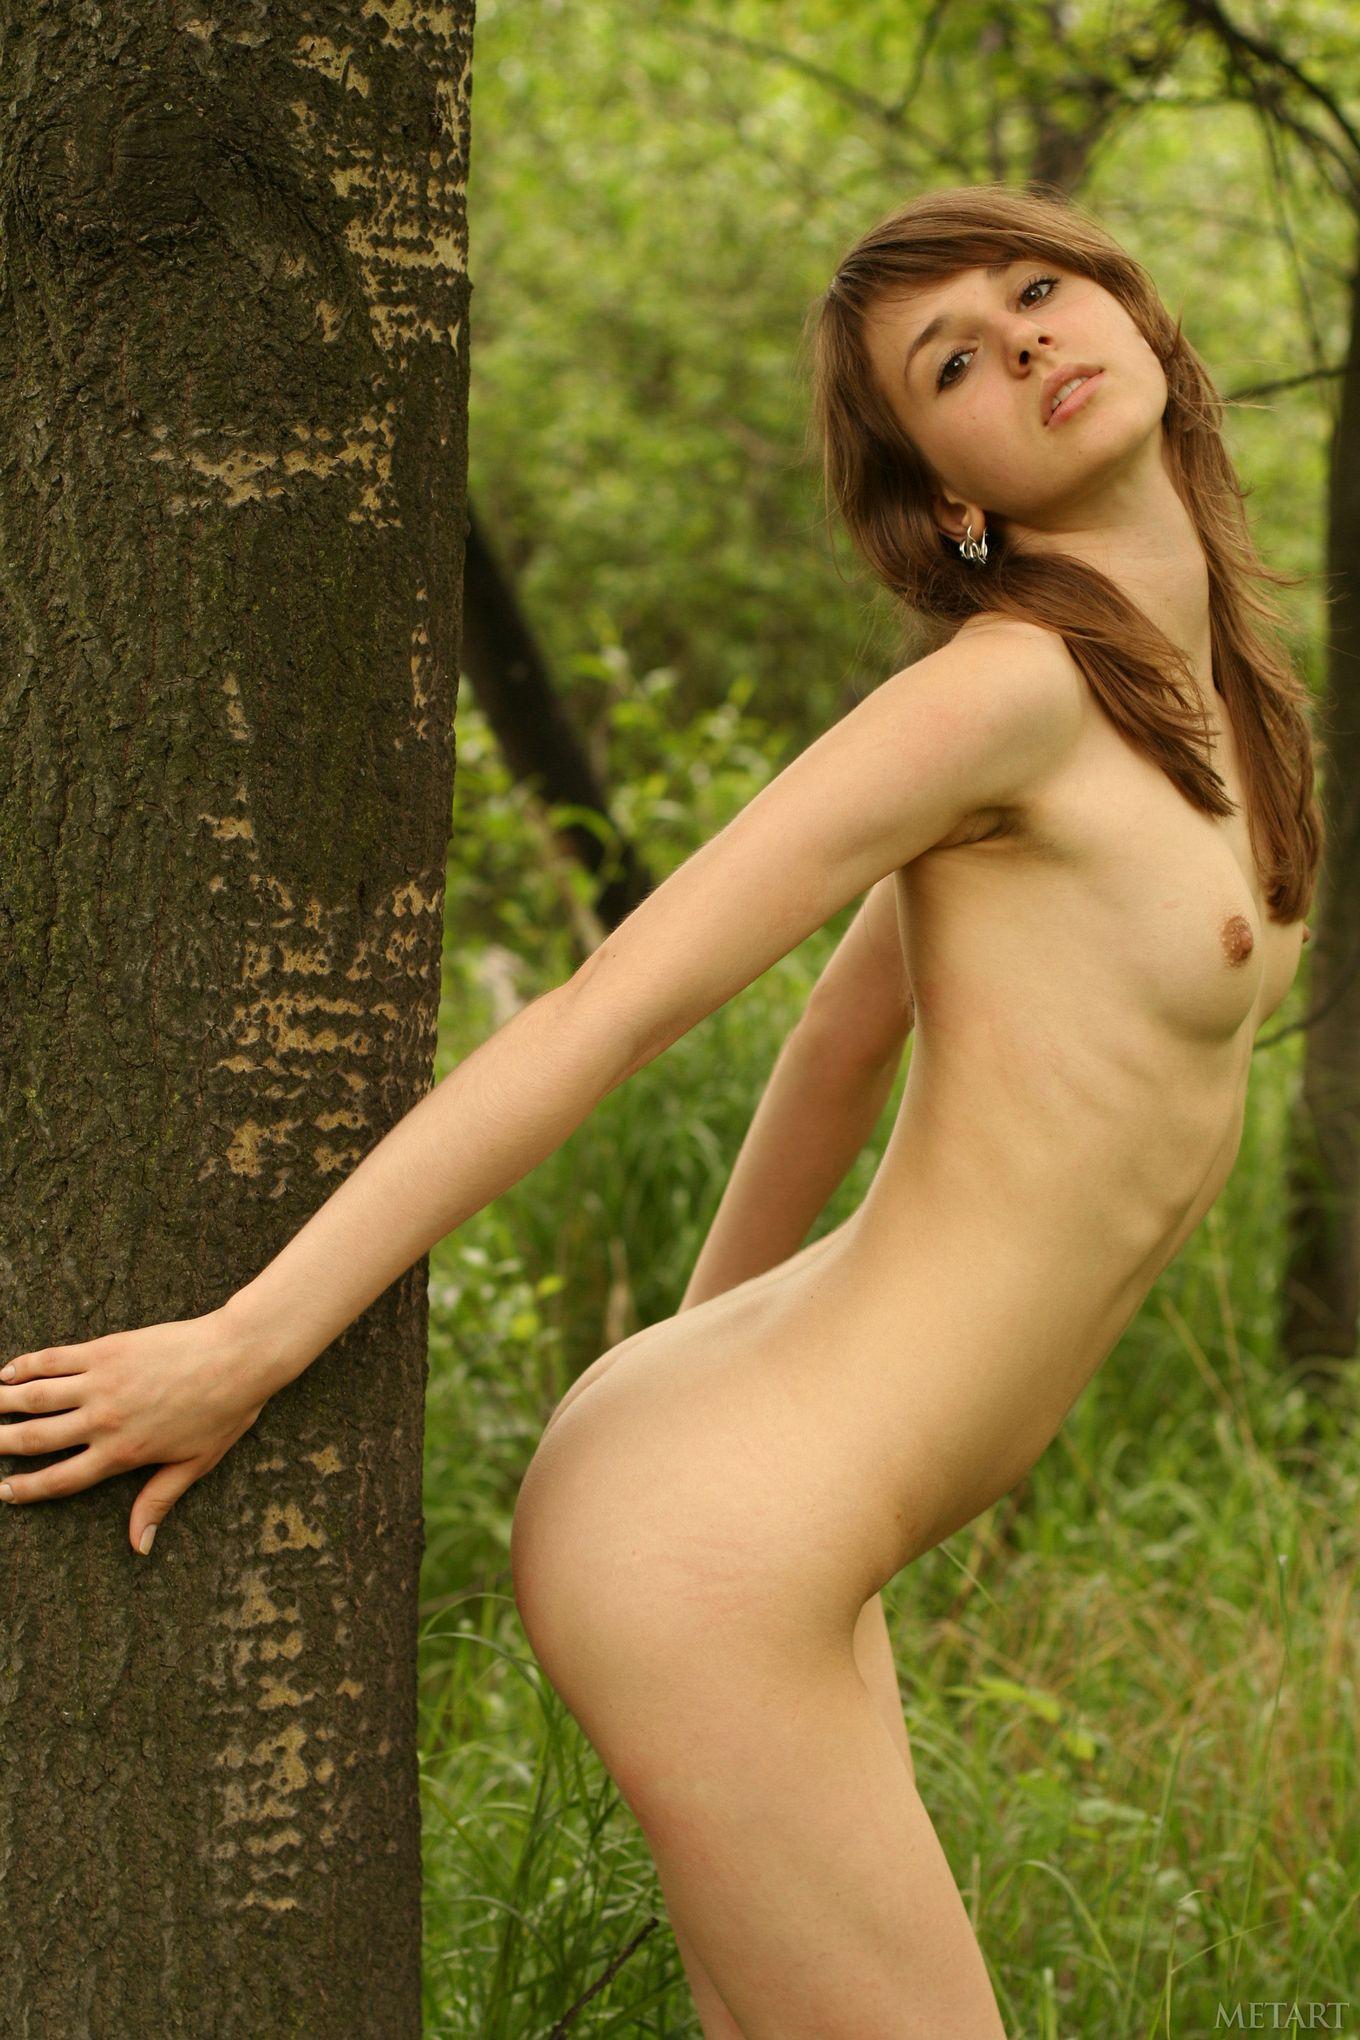 Обнаженная Инна с маленькими сисями на лугу